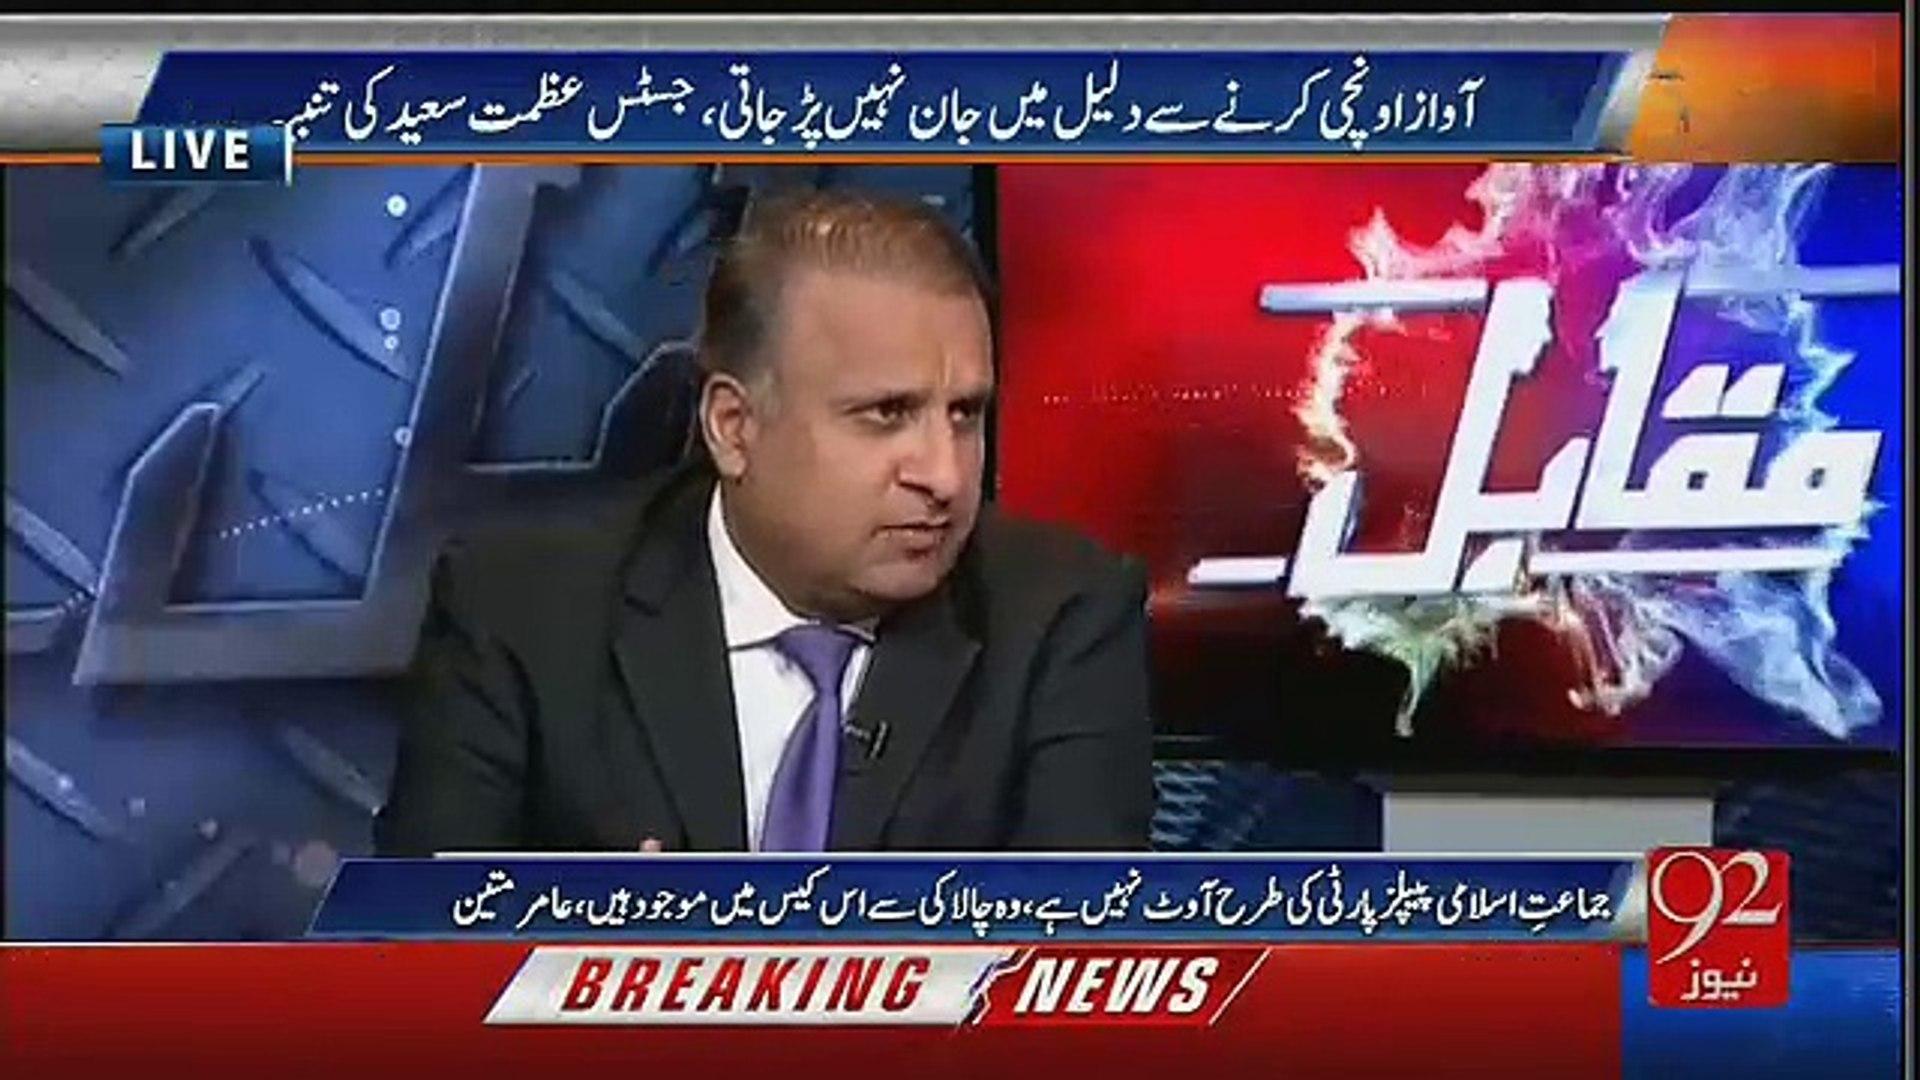 Jamat e Islami Kay Bahadur Loog, Jamat e Islami Bhi Nawaz Aur Zardari Wali Politics Par a Gai Hai..